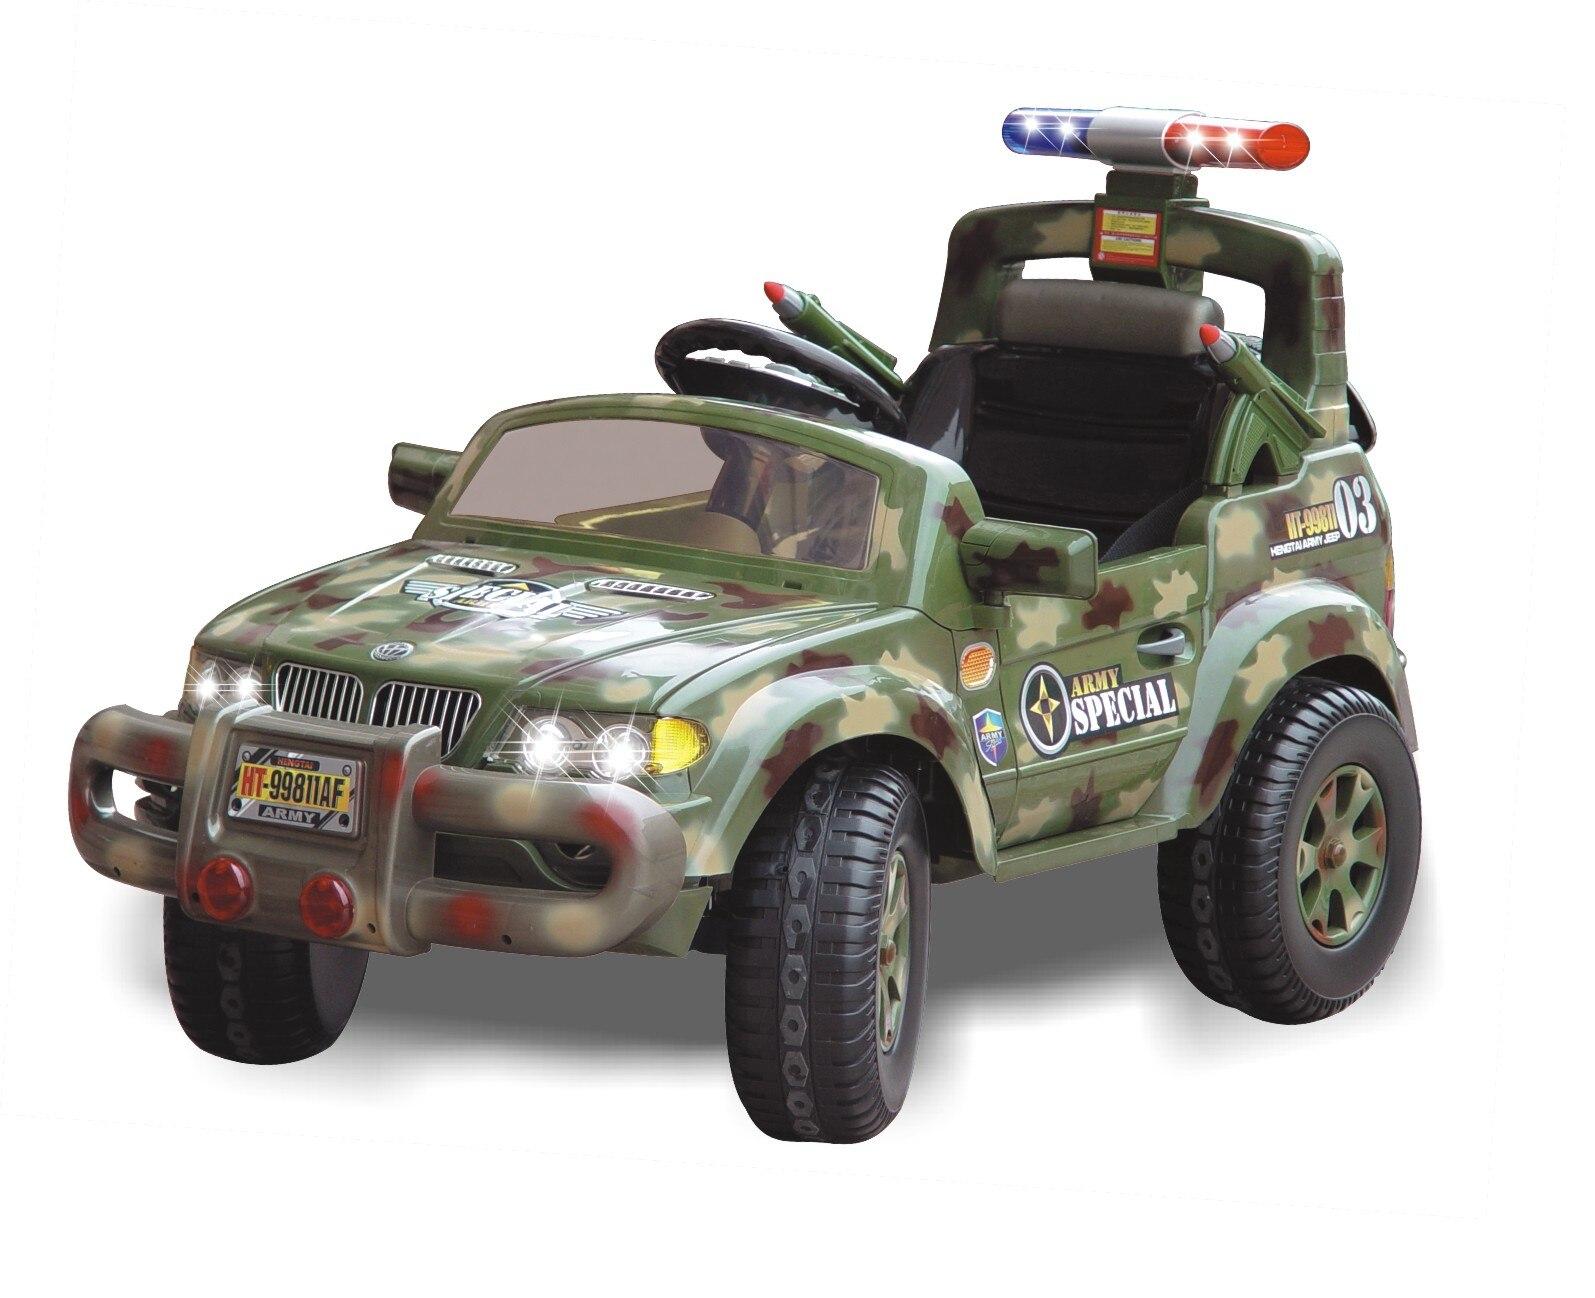 Quatre roues motrices enfants voitures électriques enfants tour de voiture électrique sur 1-5 ans jouet d'équitation jouets de véhicule tout-terrain